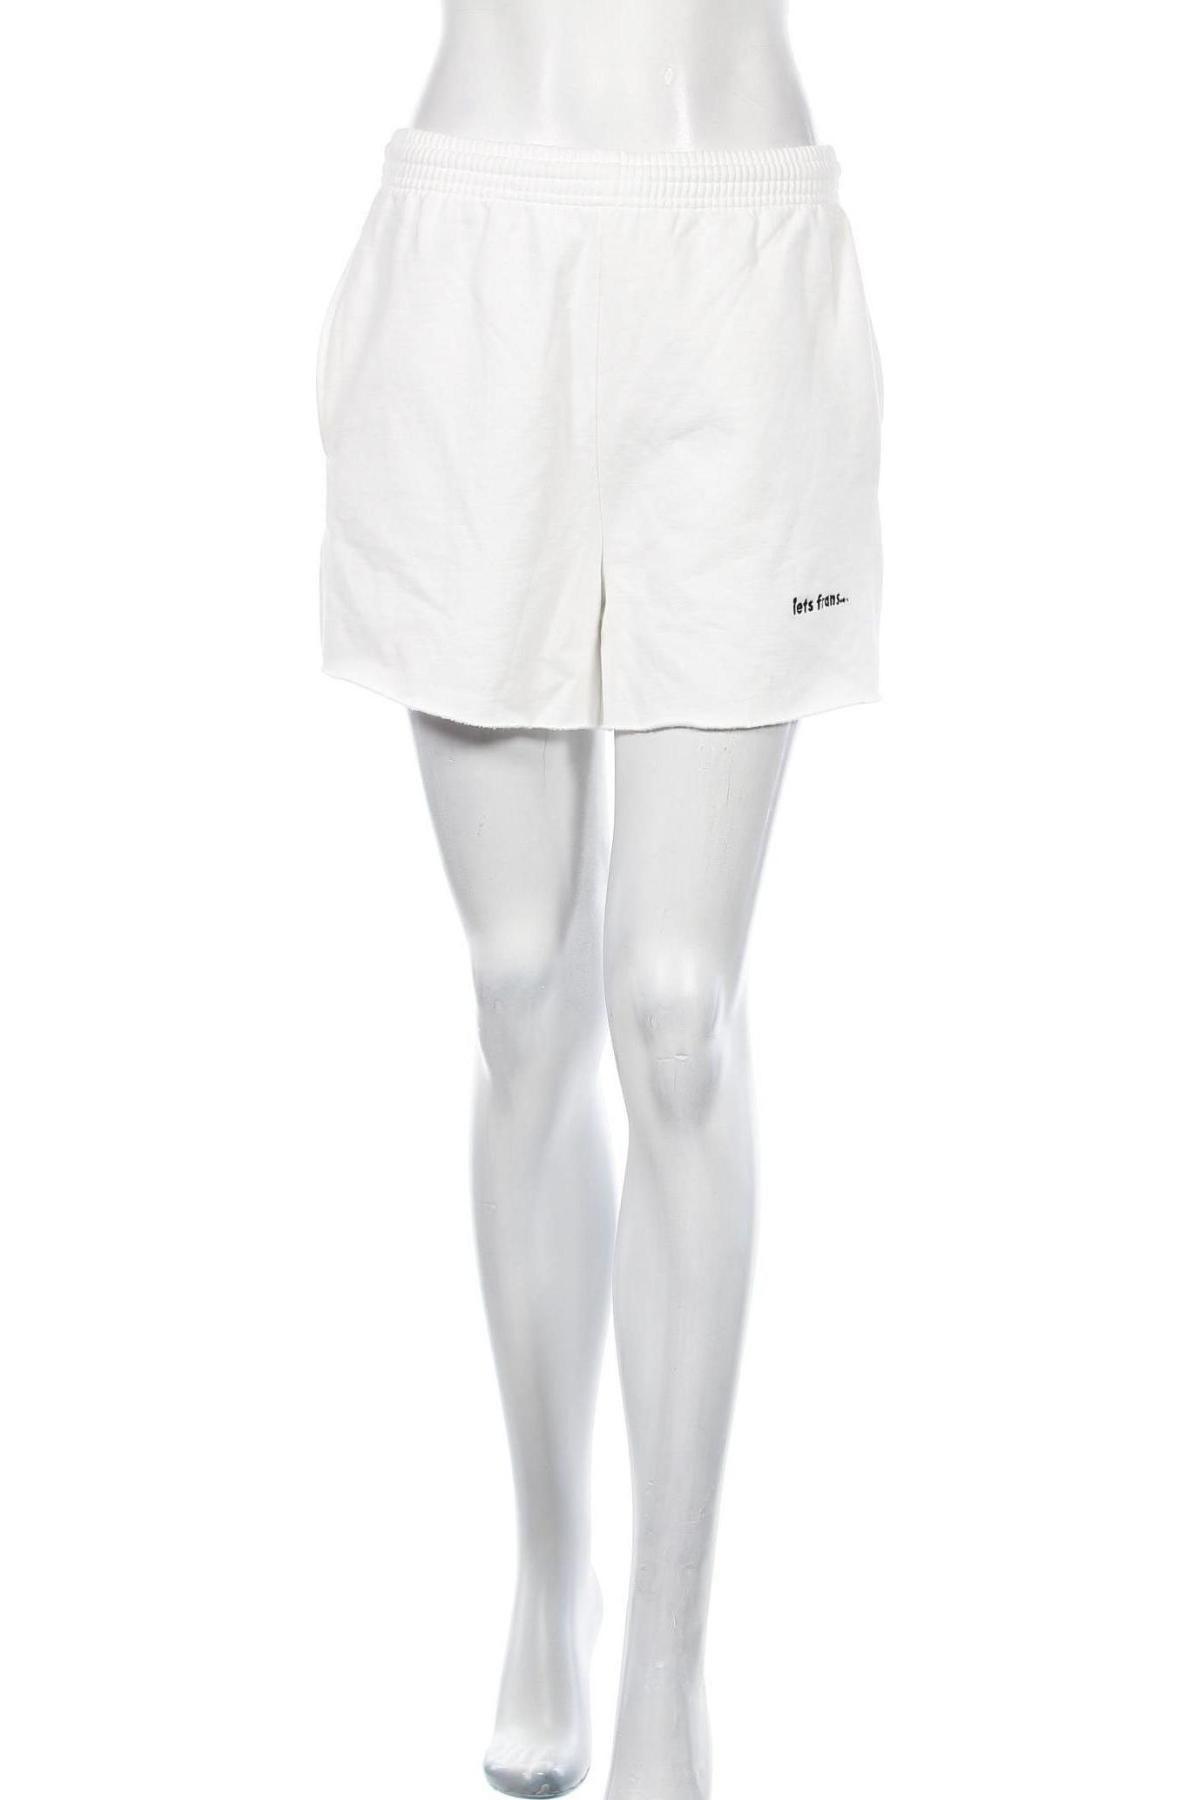 Дамски къс панталон Urban Outfitters, Размер S, Цвят Бял, 100% памук, Цена 8,77лв.